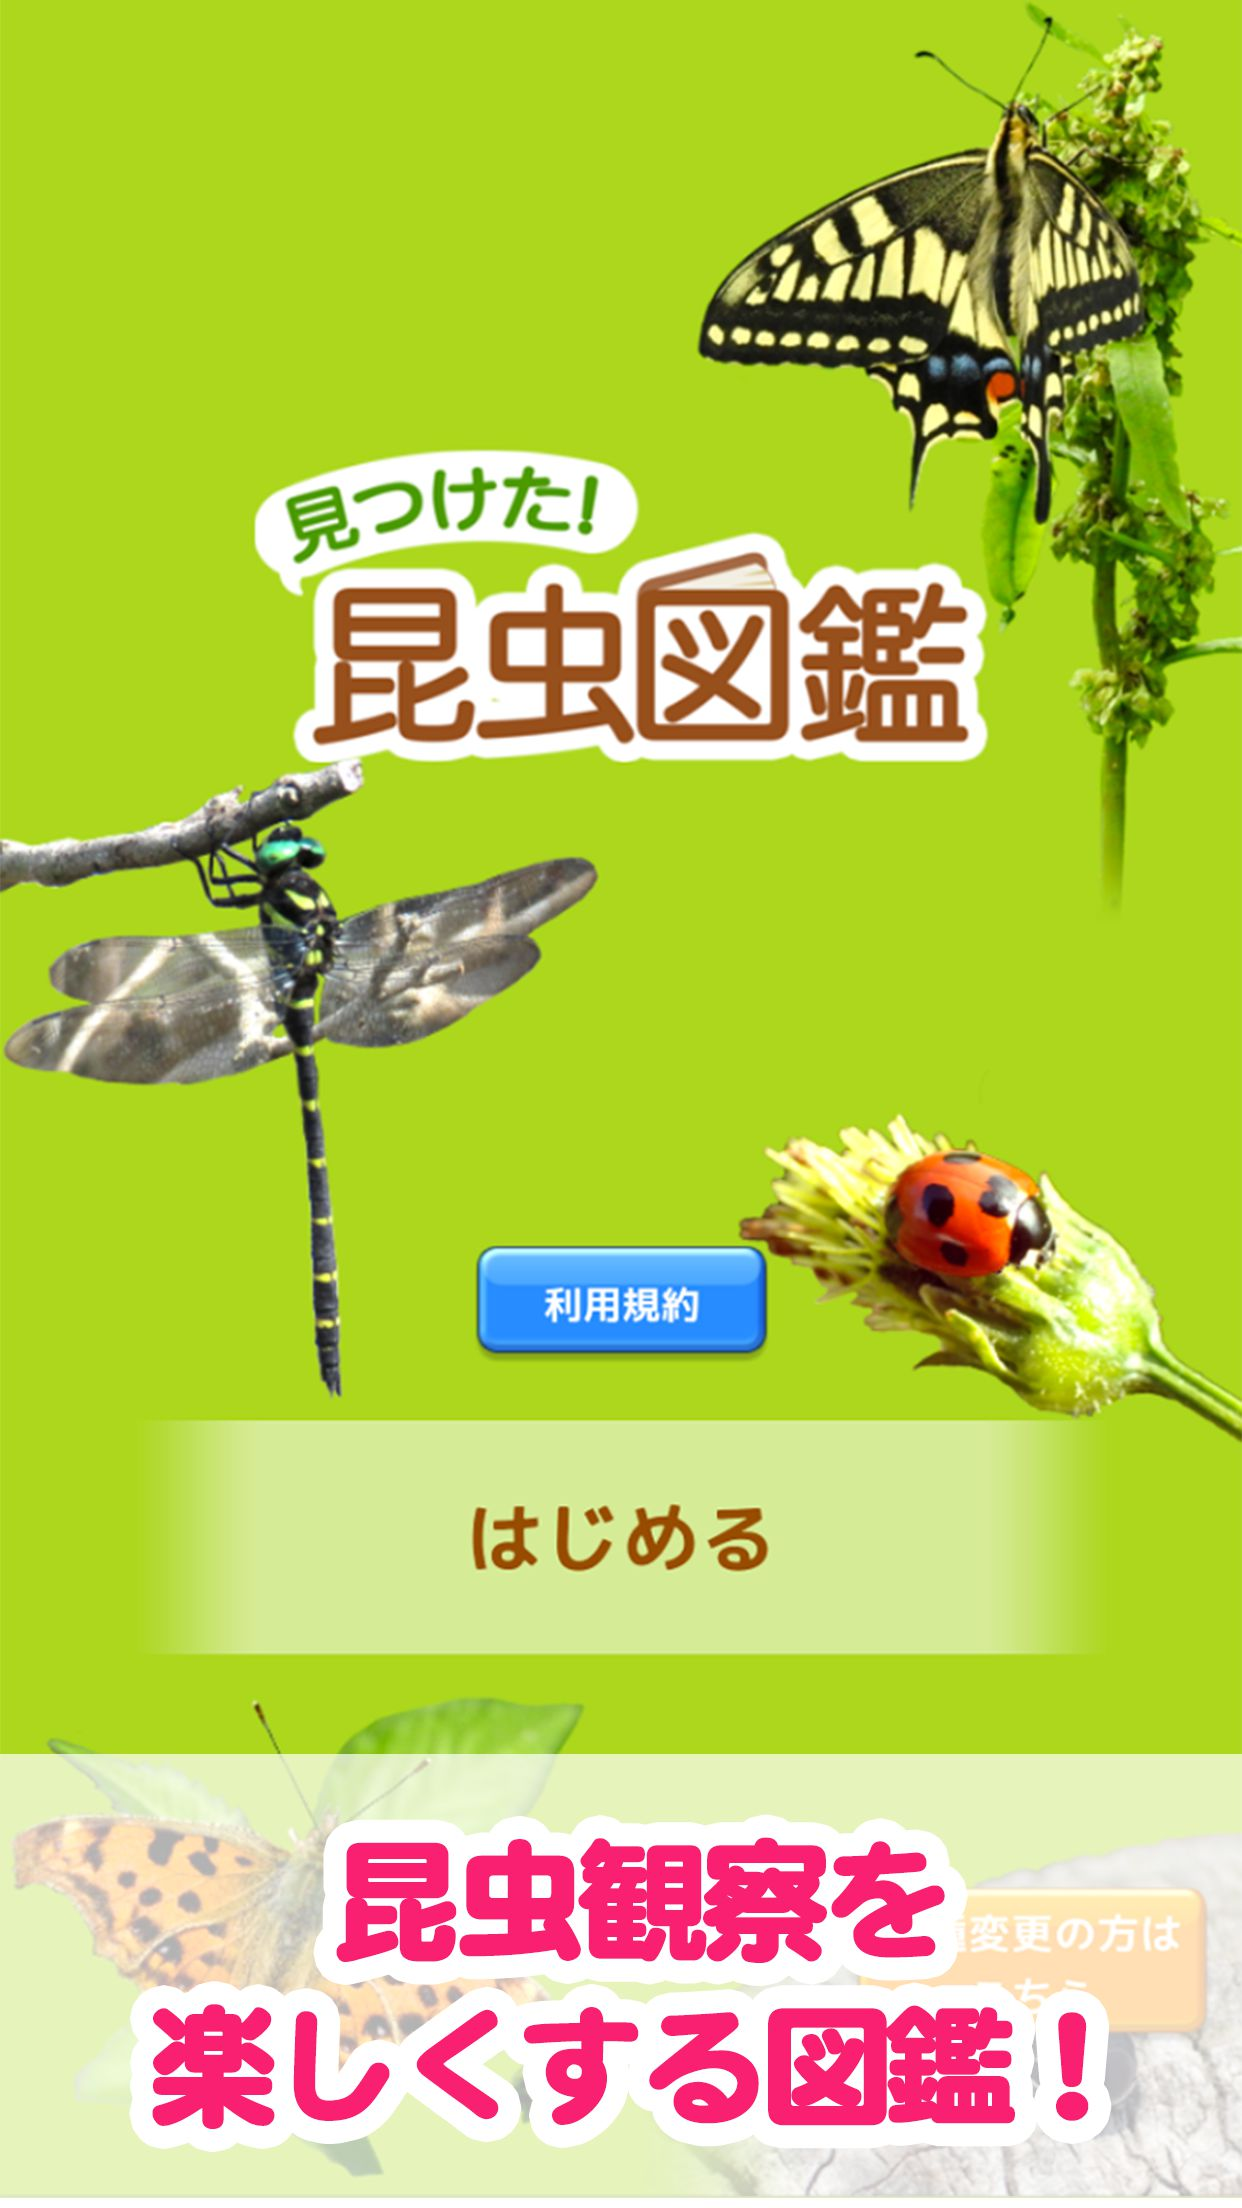 見つけた!昆虫図鑑 TOP